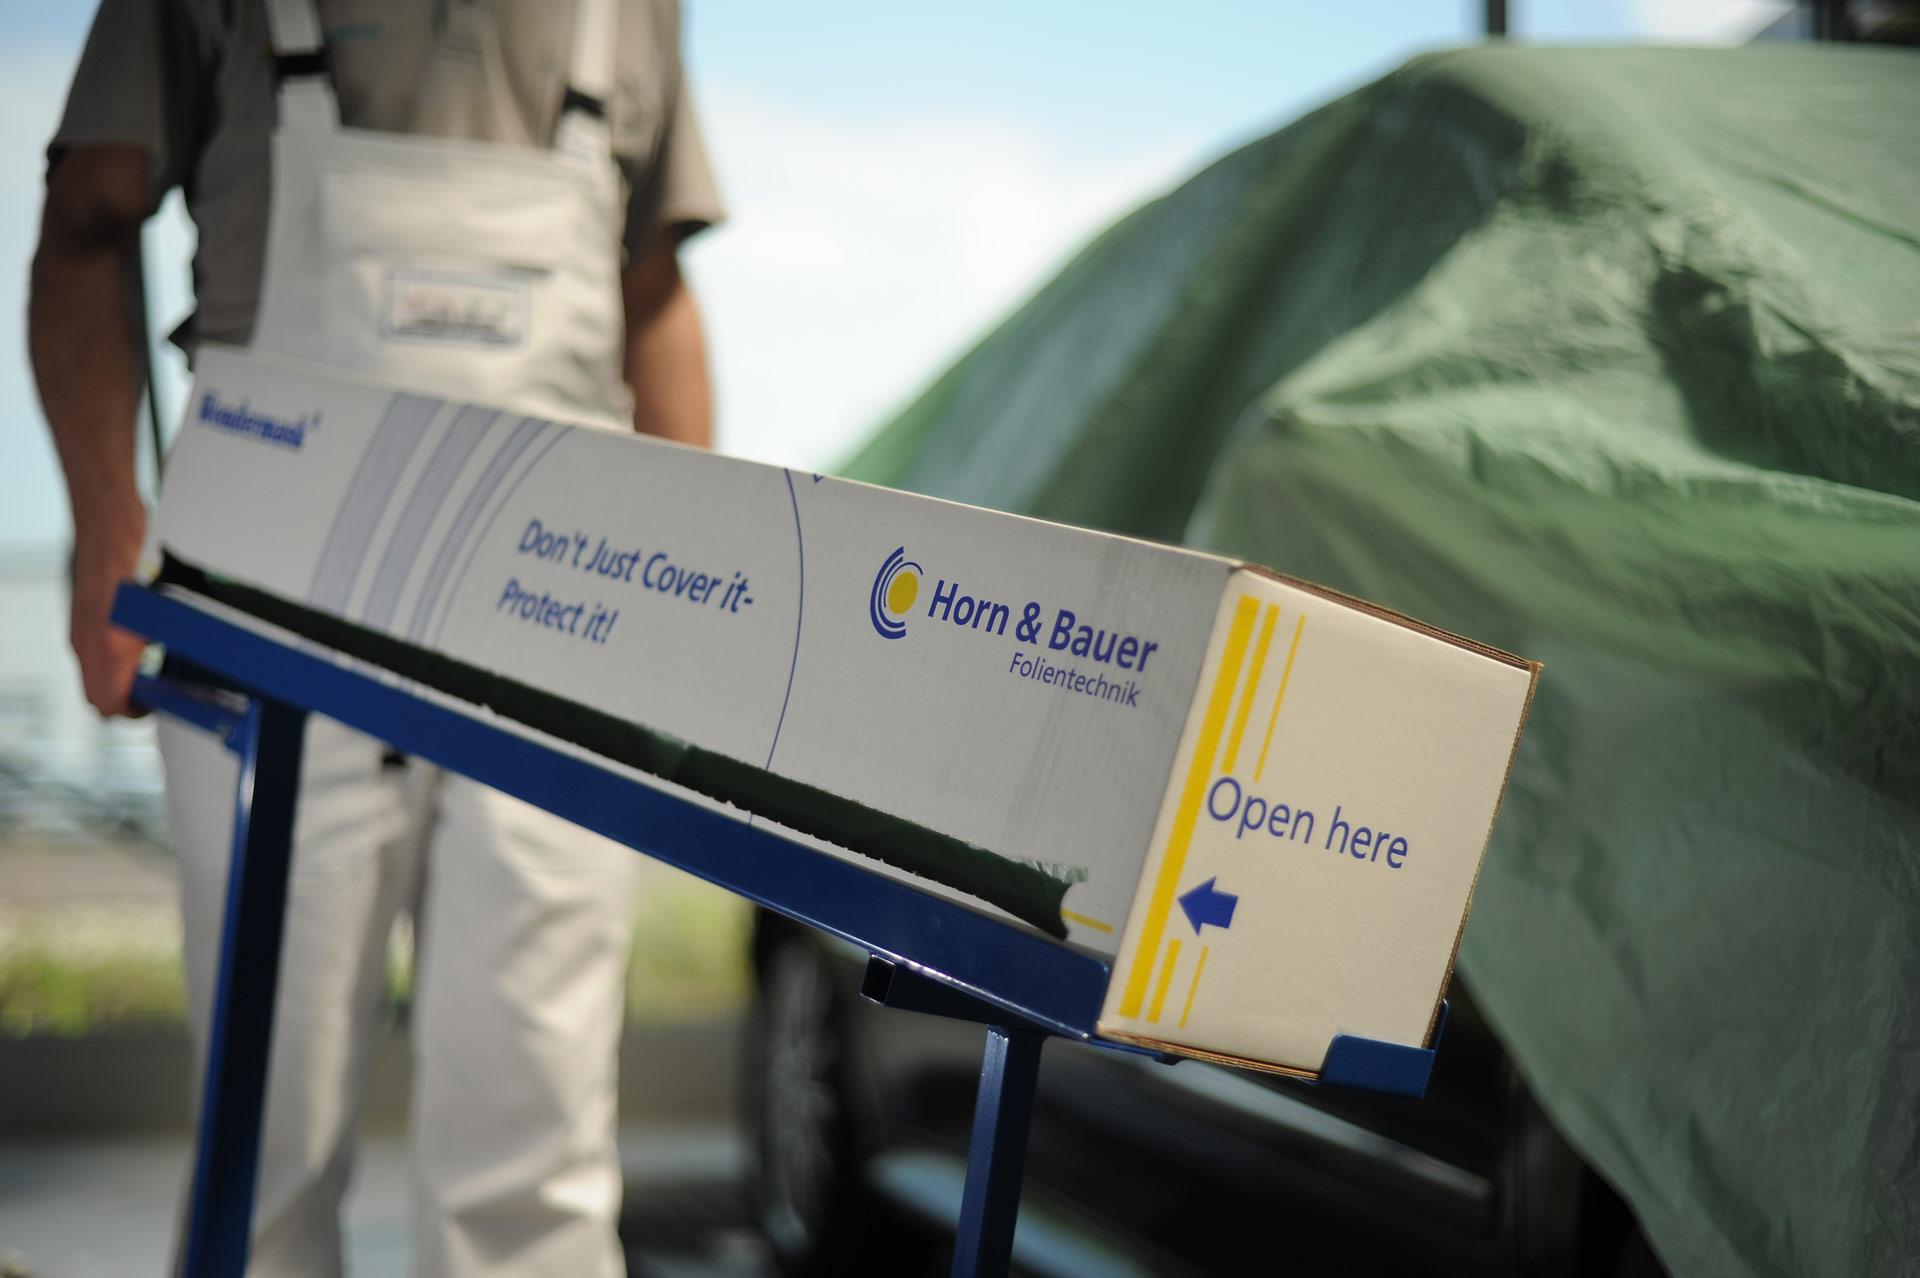 Horn & Bauer: Tipps beim Abdecken – Lackierfolie